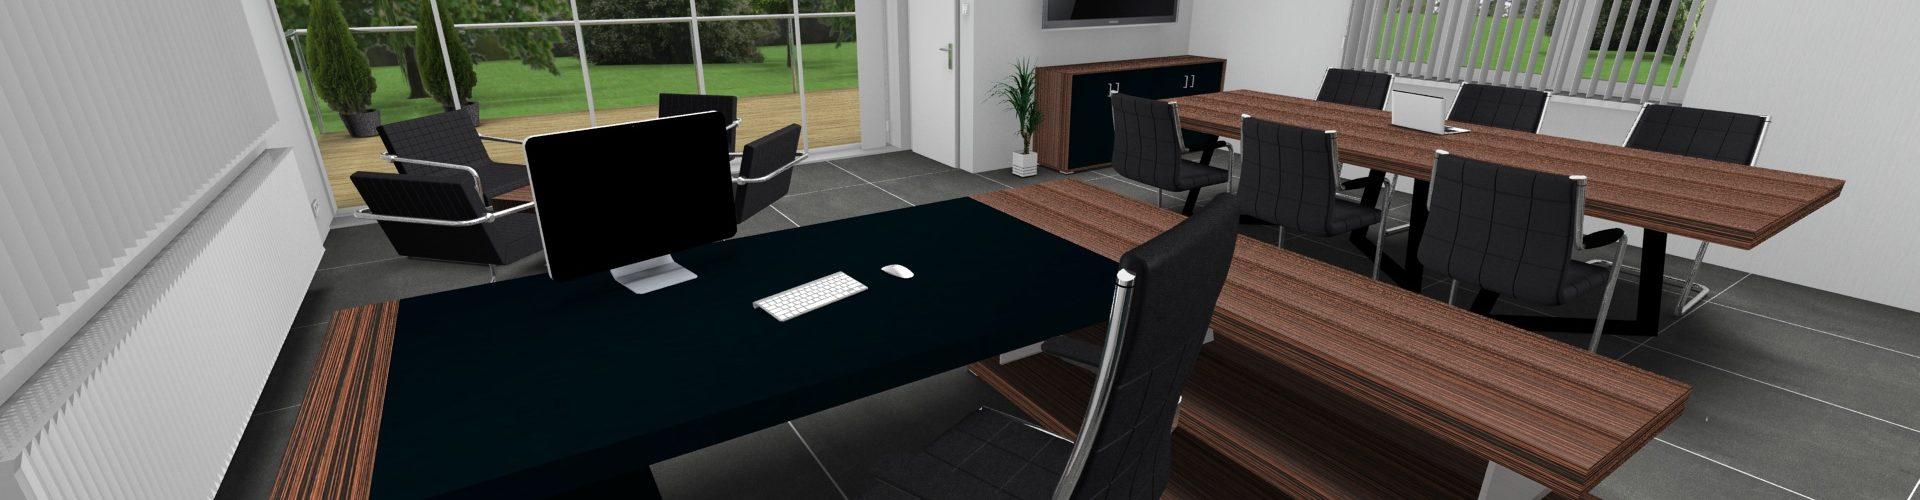 Kancelářský nábytek Kyo - vizualizace kanceláře